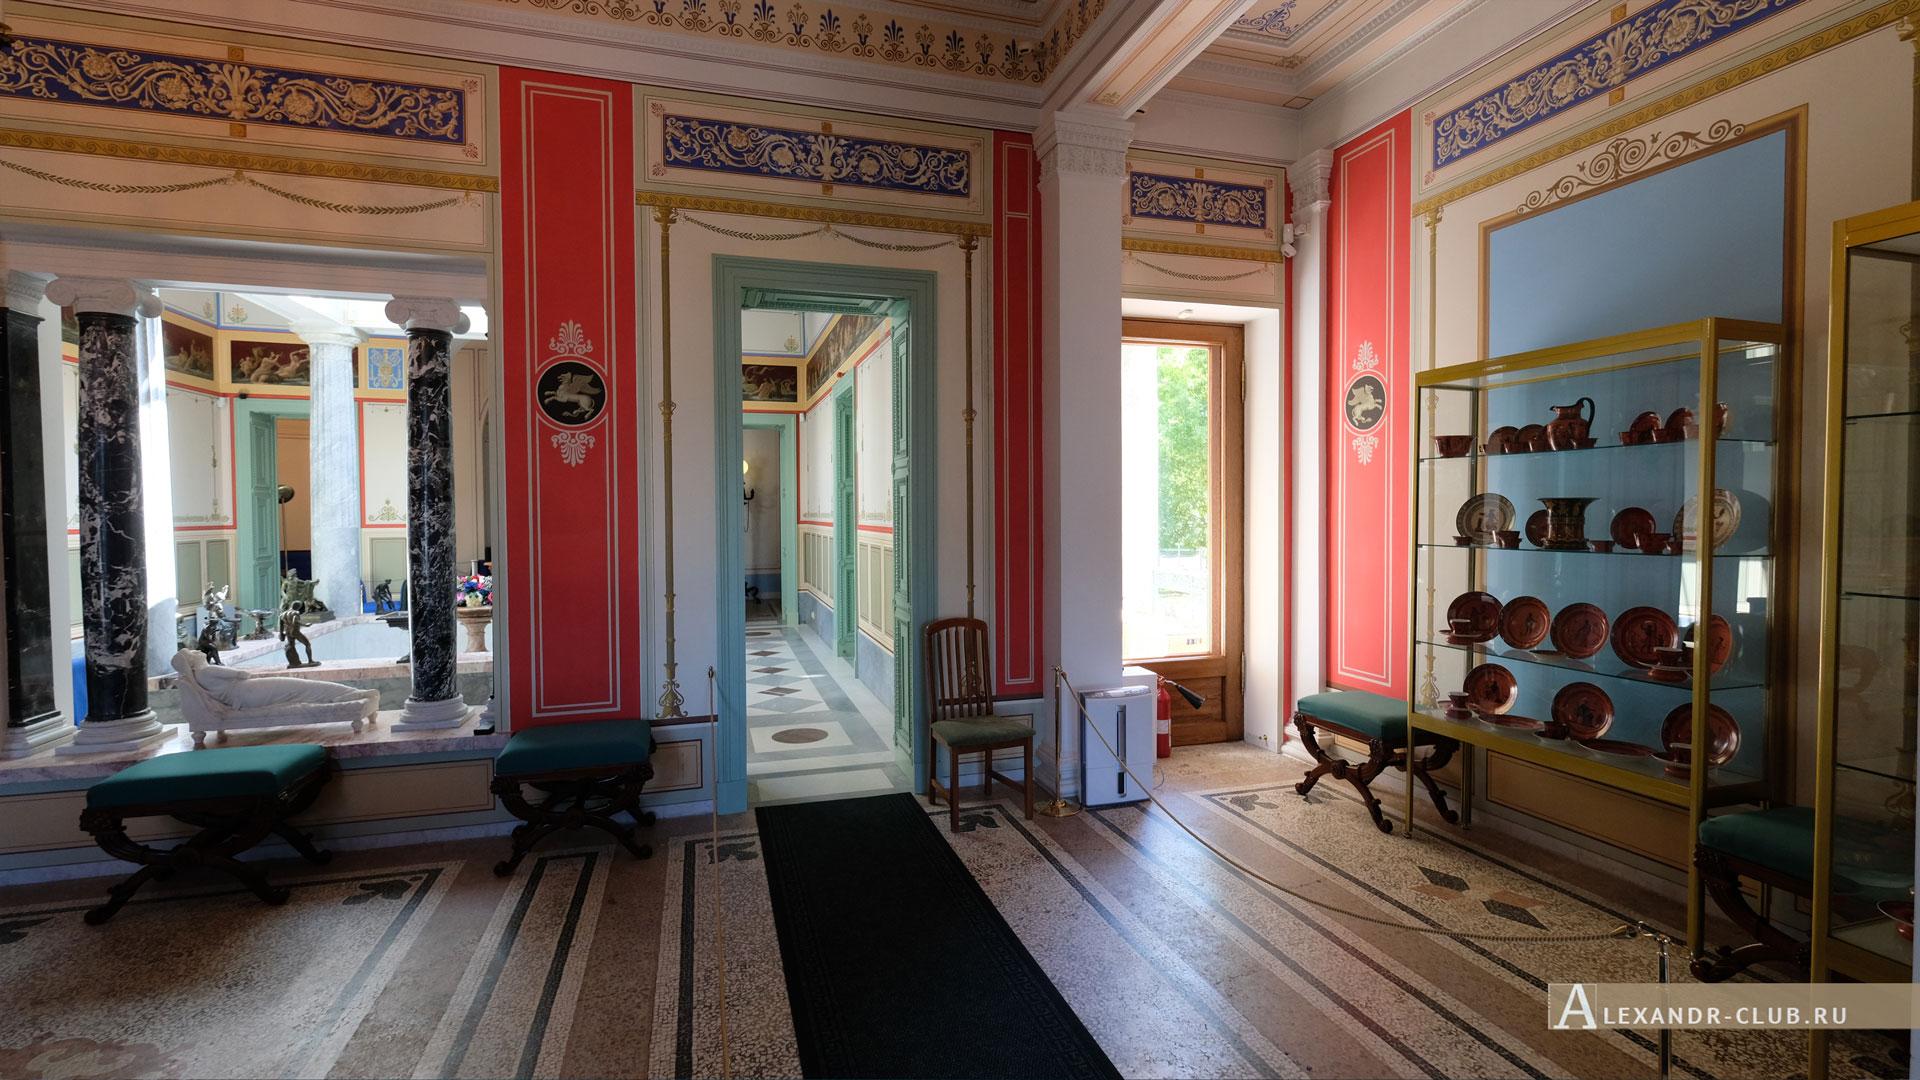 Петергоф, Колонистский парк, лето, Царицын павильон, гостиная